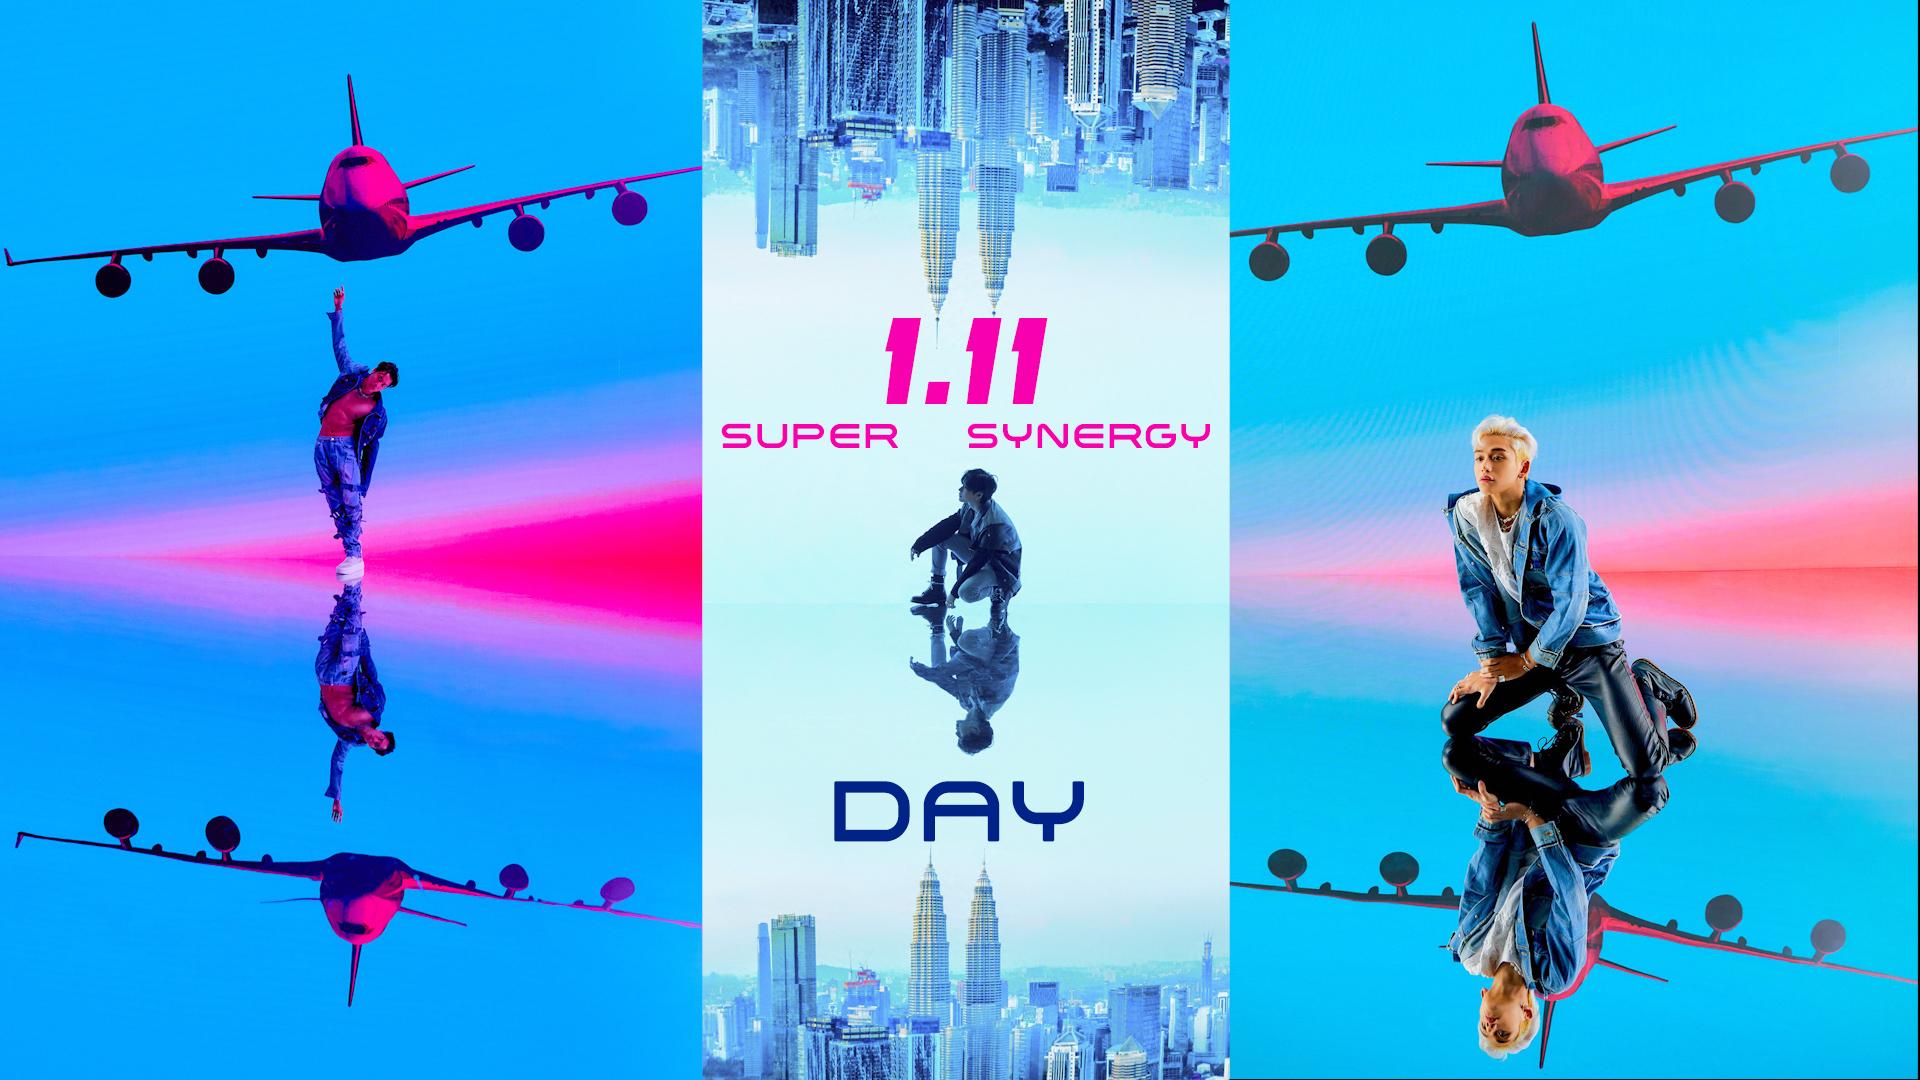 1.11, Ден за Супер Синергия със SuperM, Моцарт, Дейвид Гарет и др.: ПО НОТИТЕ НА СЪДБАТА